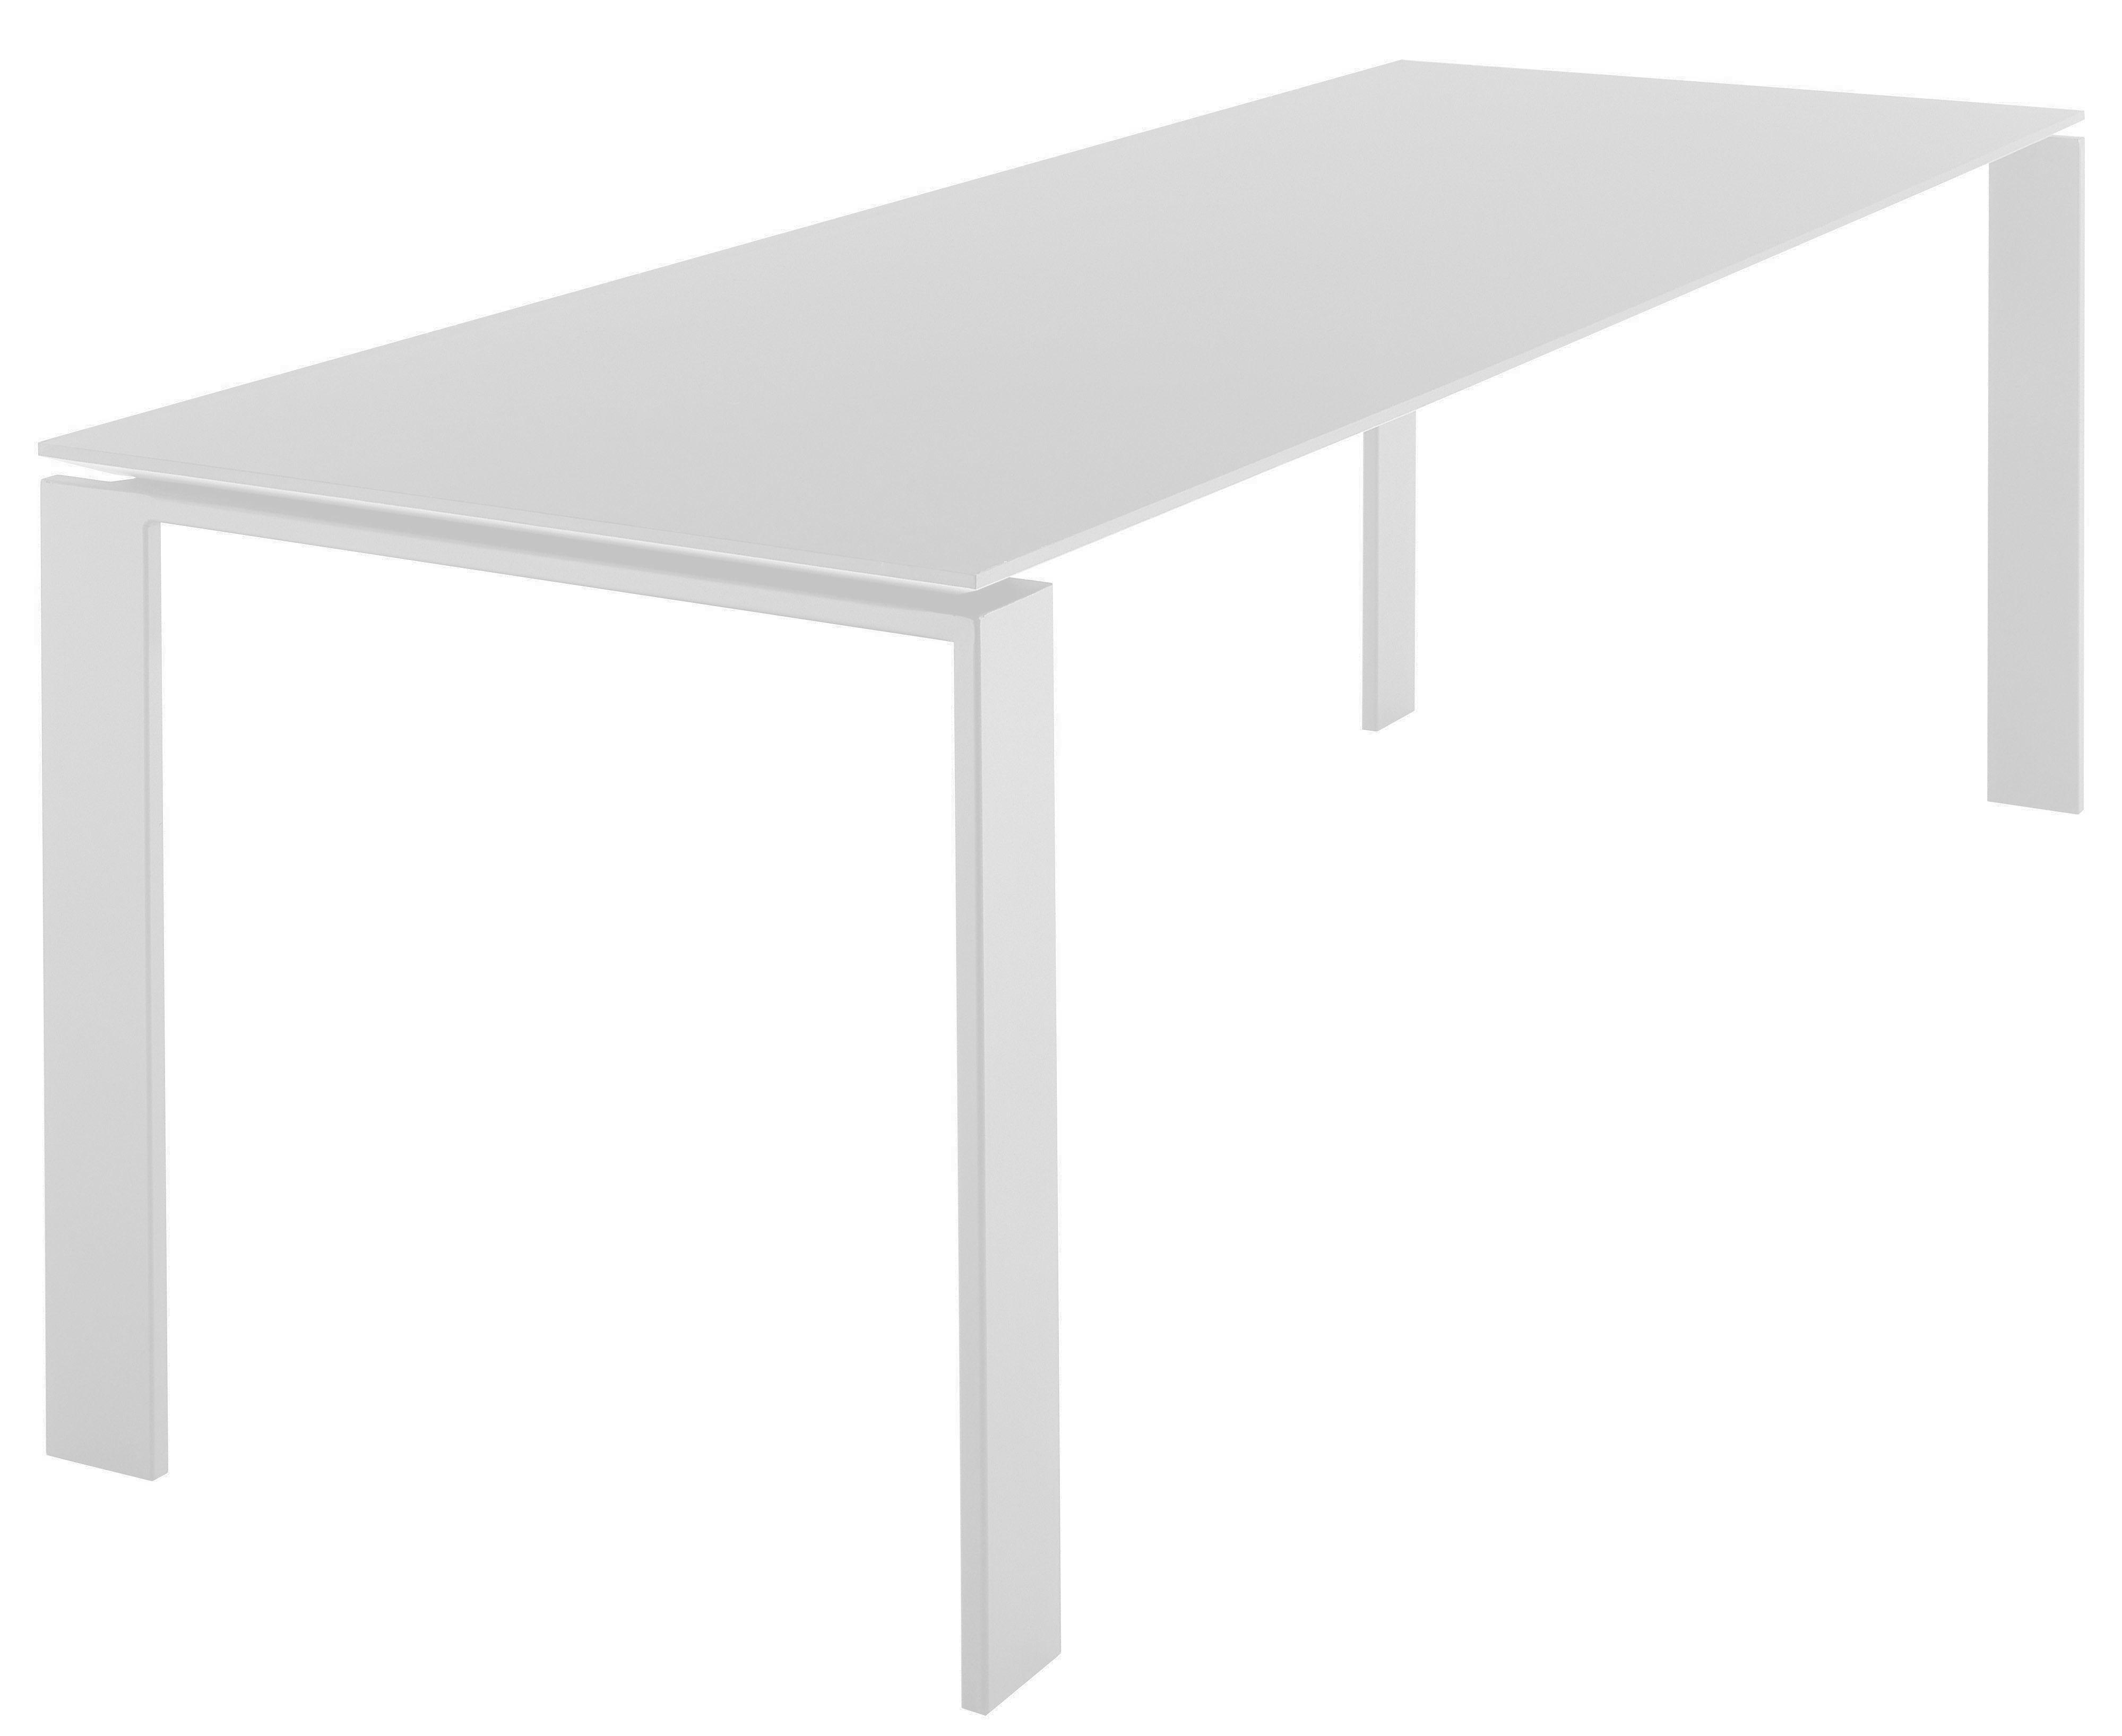 Arredamento - Tavoli - Tavolo rettangolare Four di Kartell - Bianco 158 cm - Acciaio verniciato, Laminato